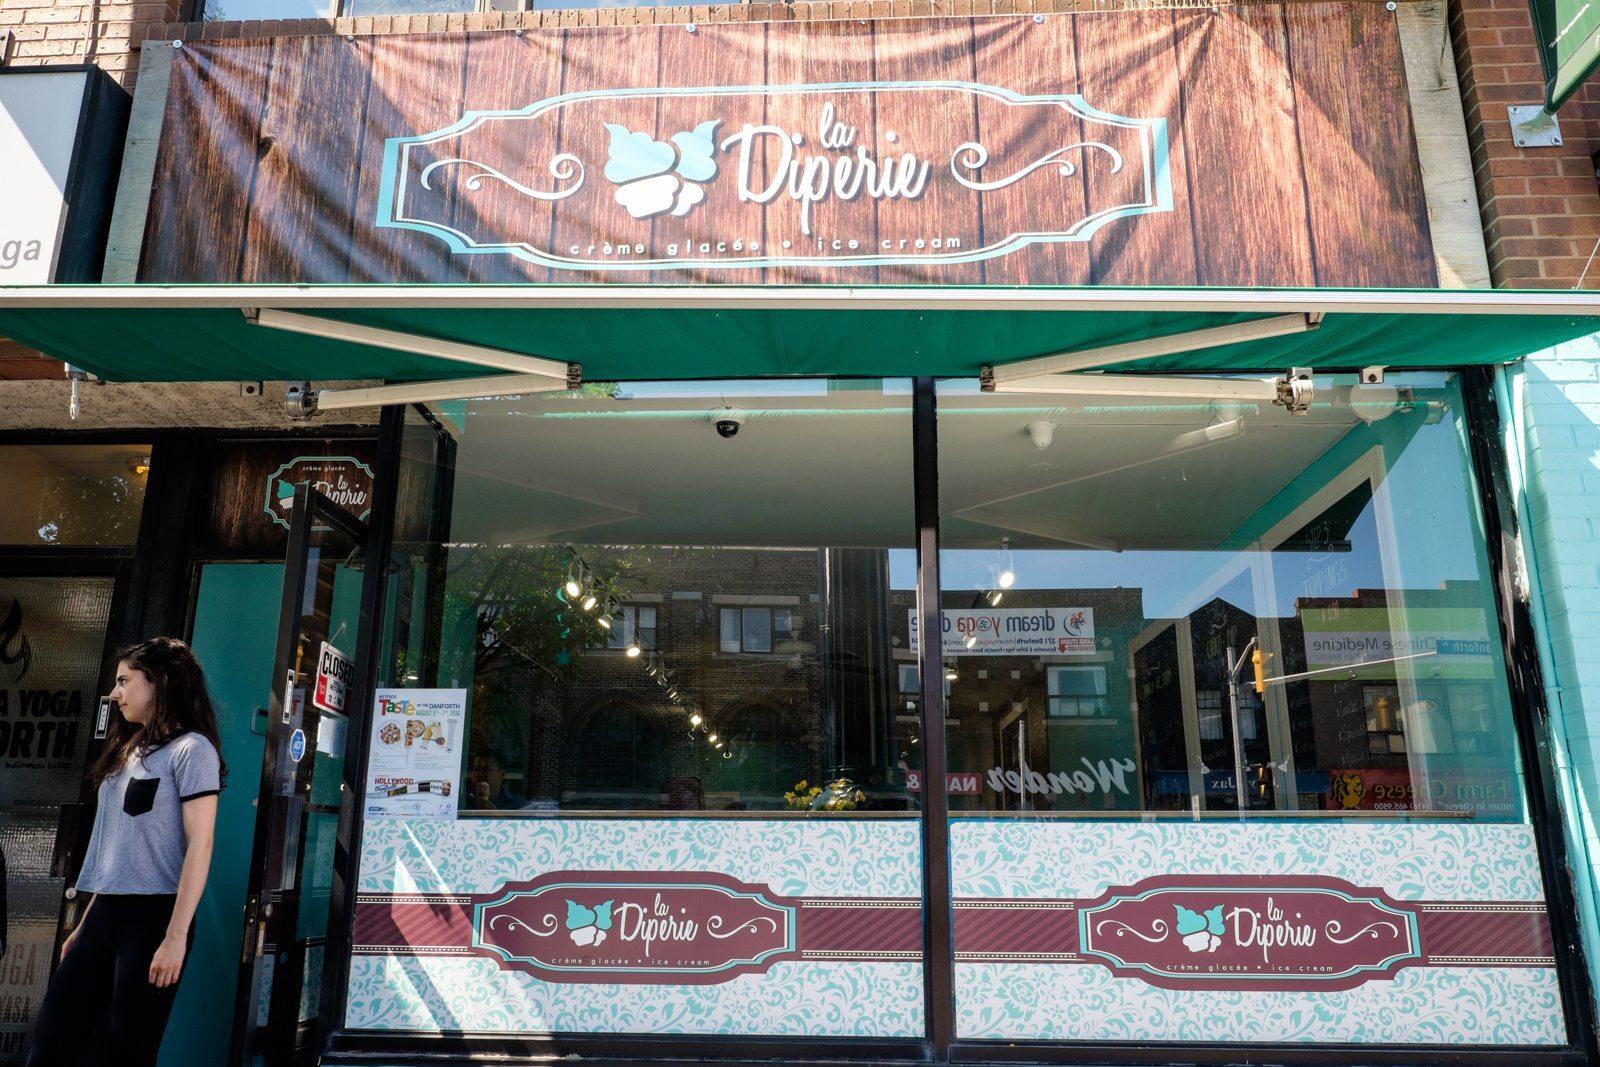 toronto-bakeries-ice-cream-cones-la-diperie-danforth-exterior